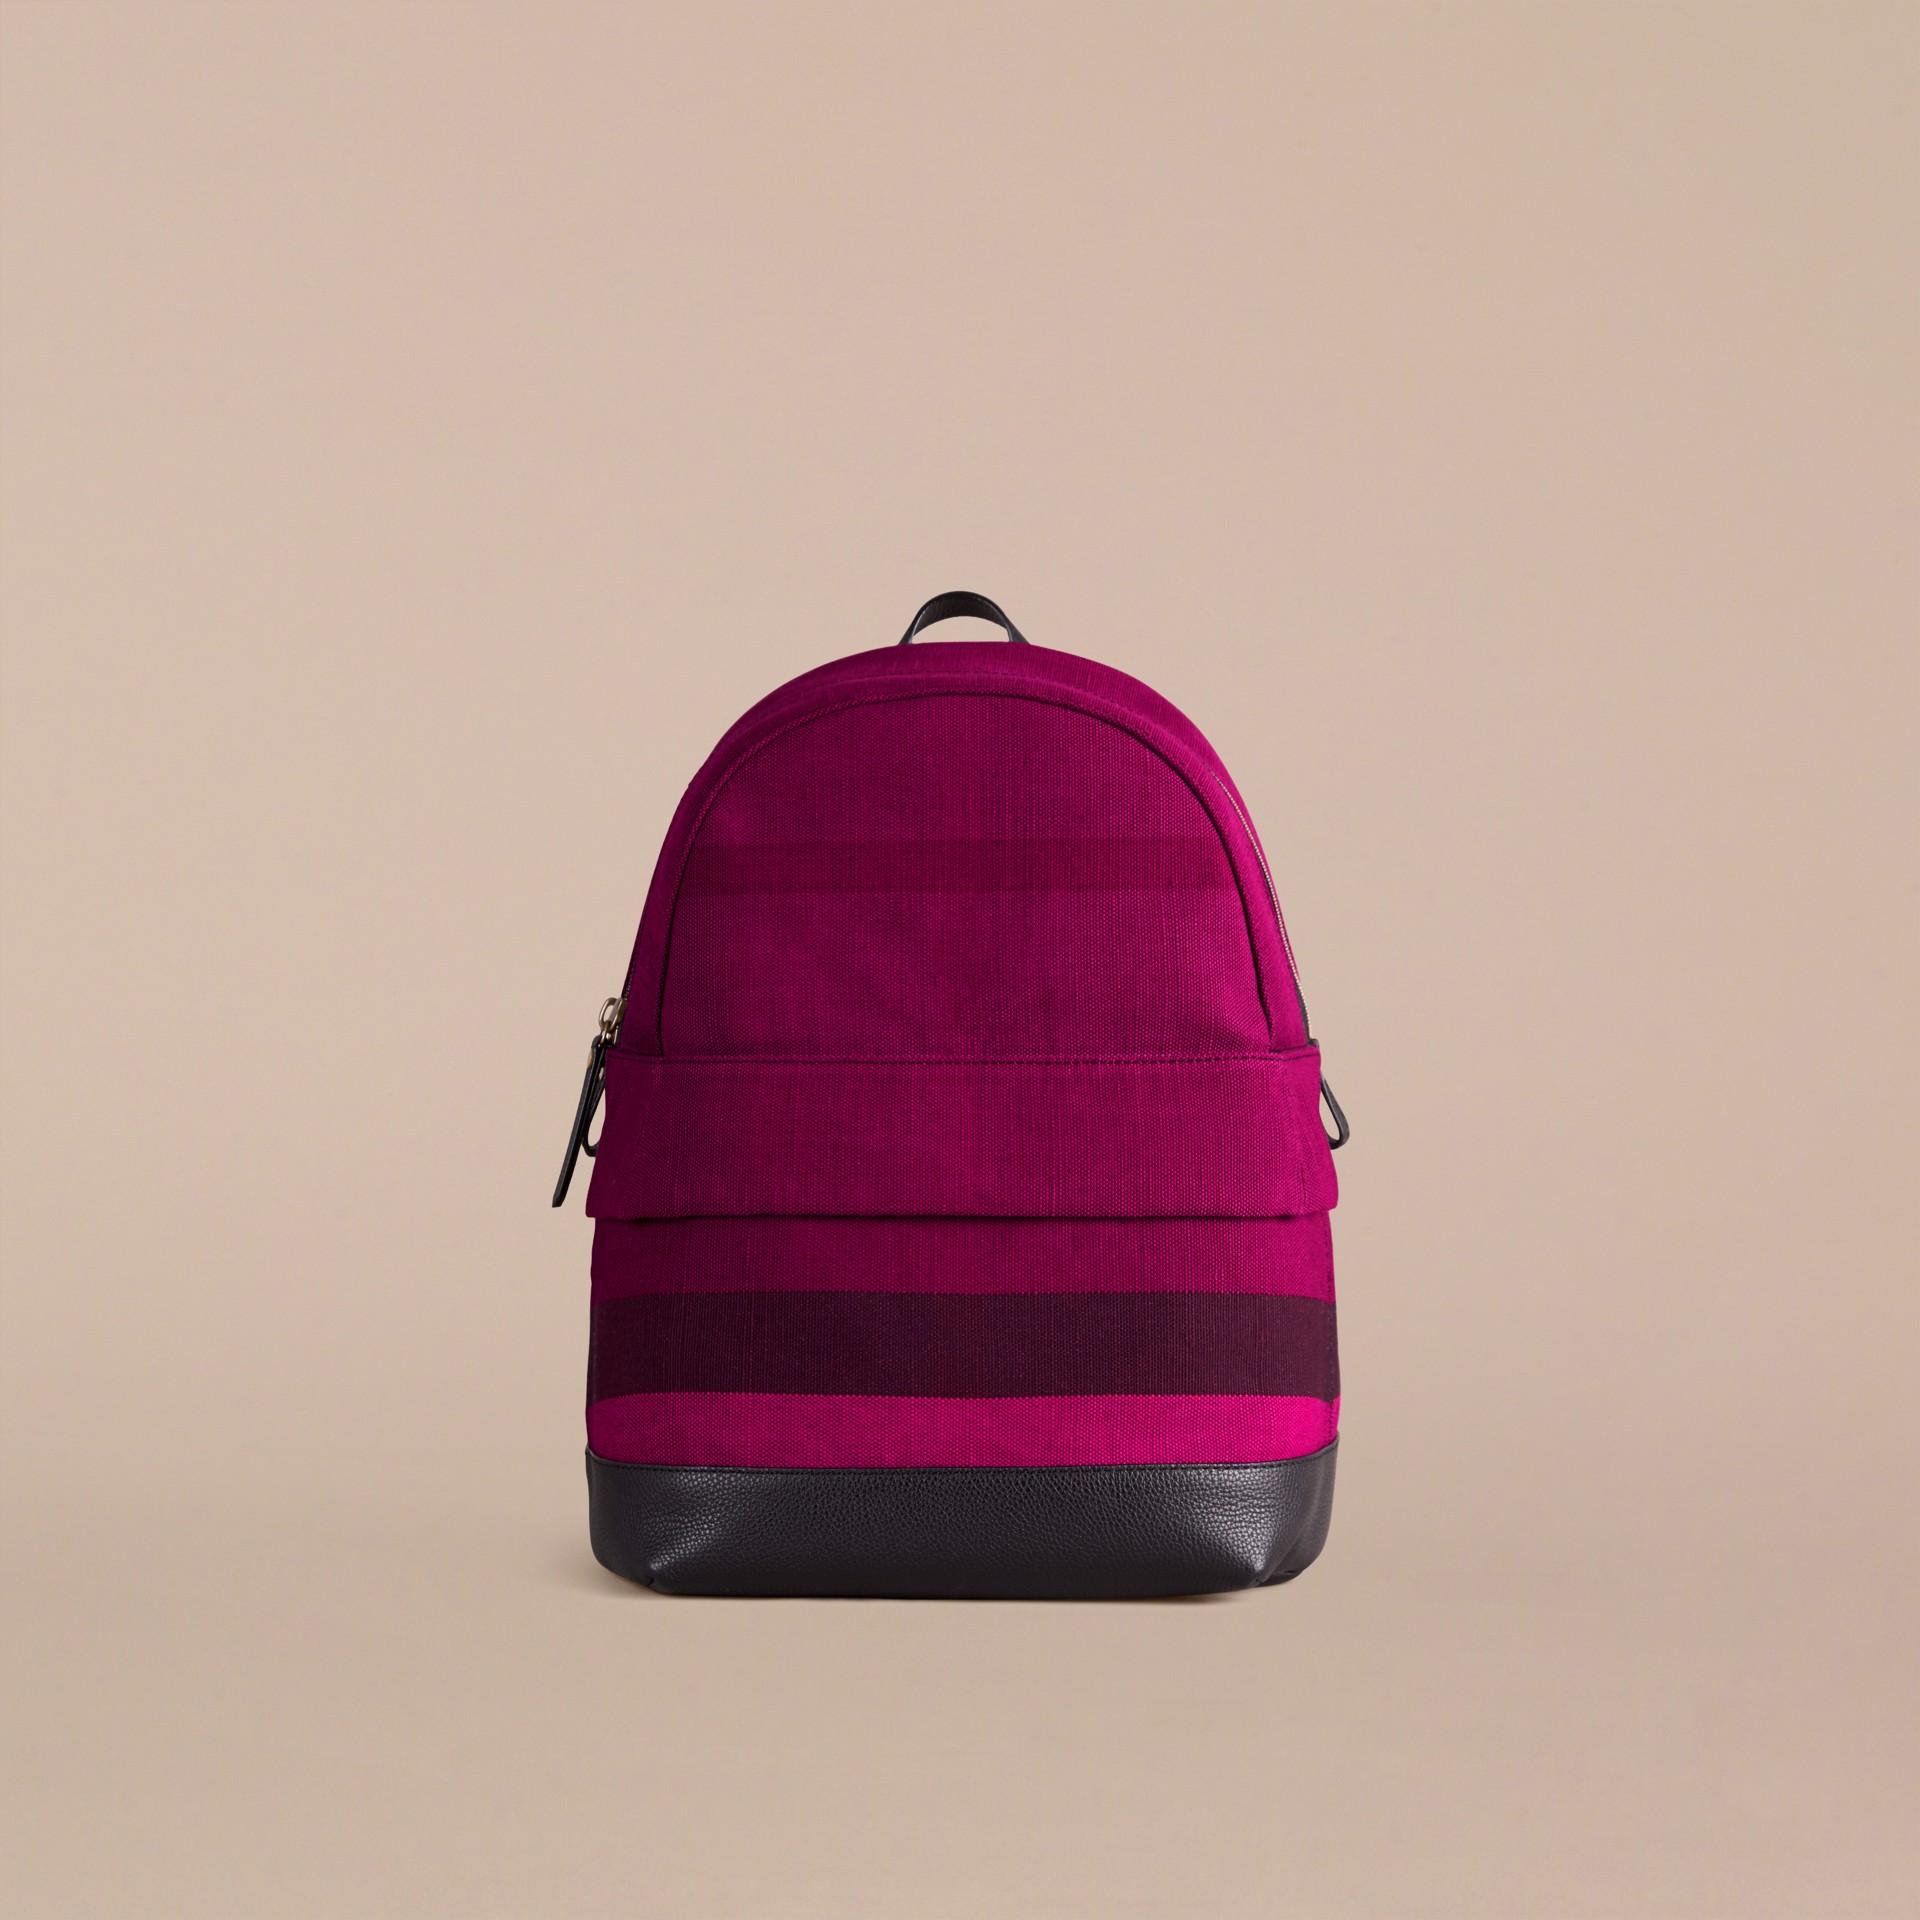 Сливовый Рюкзак в клетку Canvas Check с отделкой из кожи - изображение 2